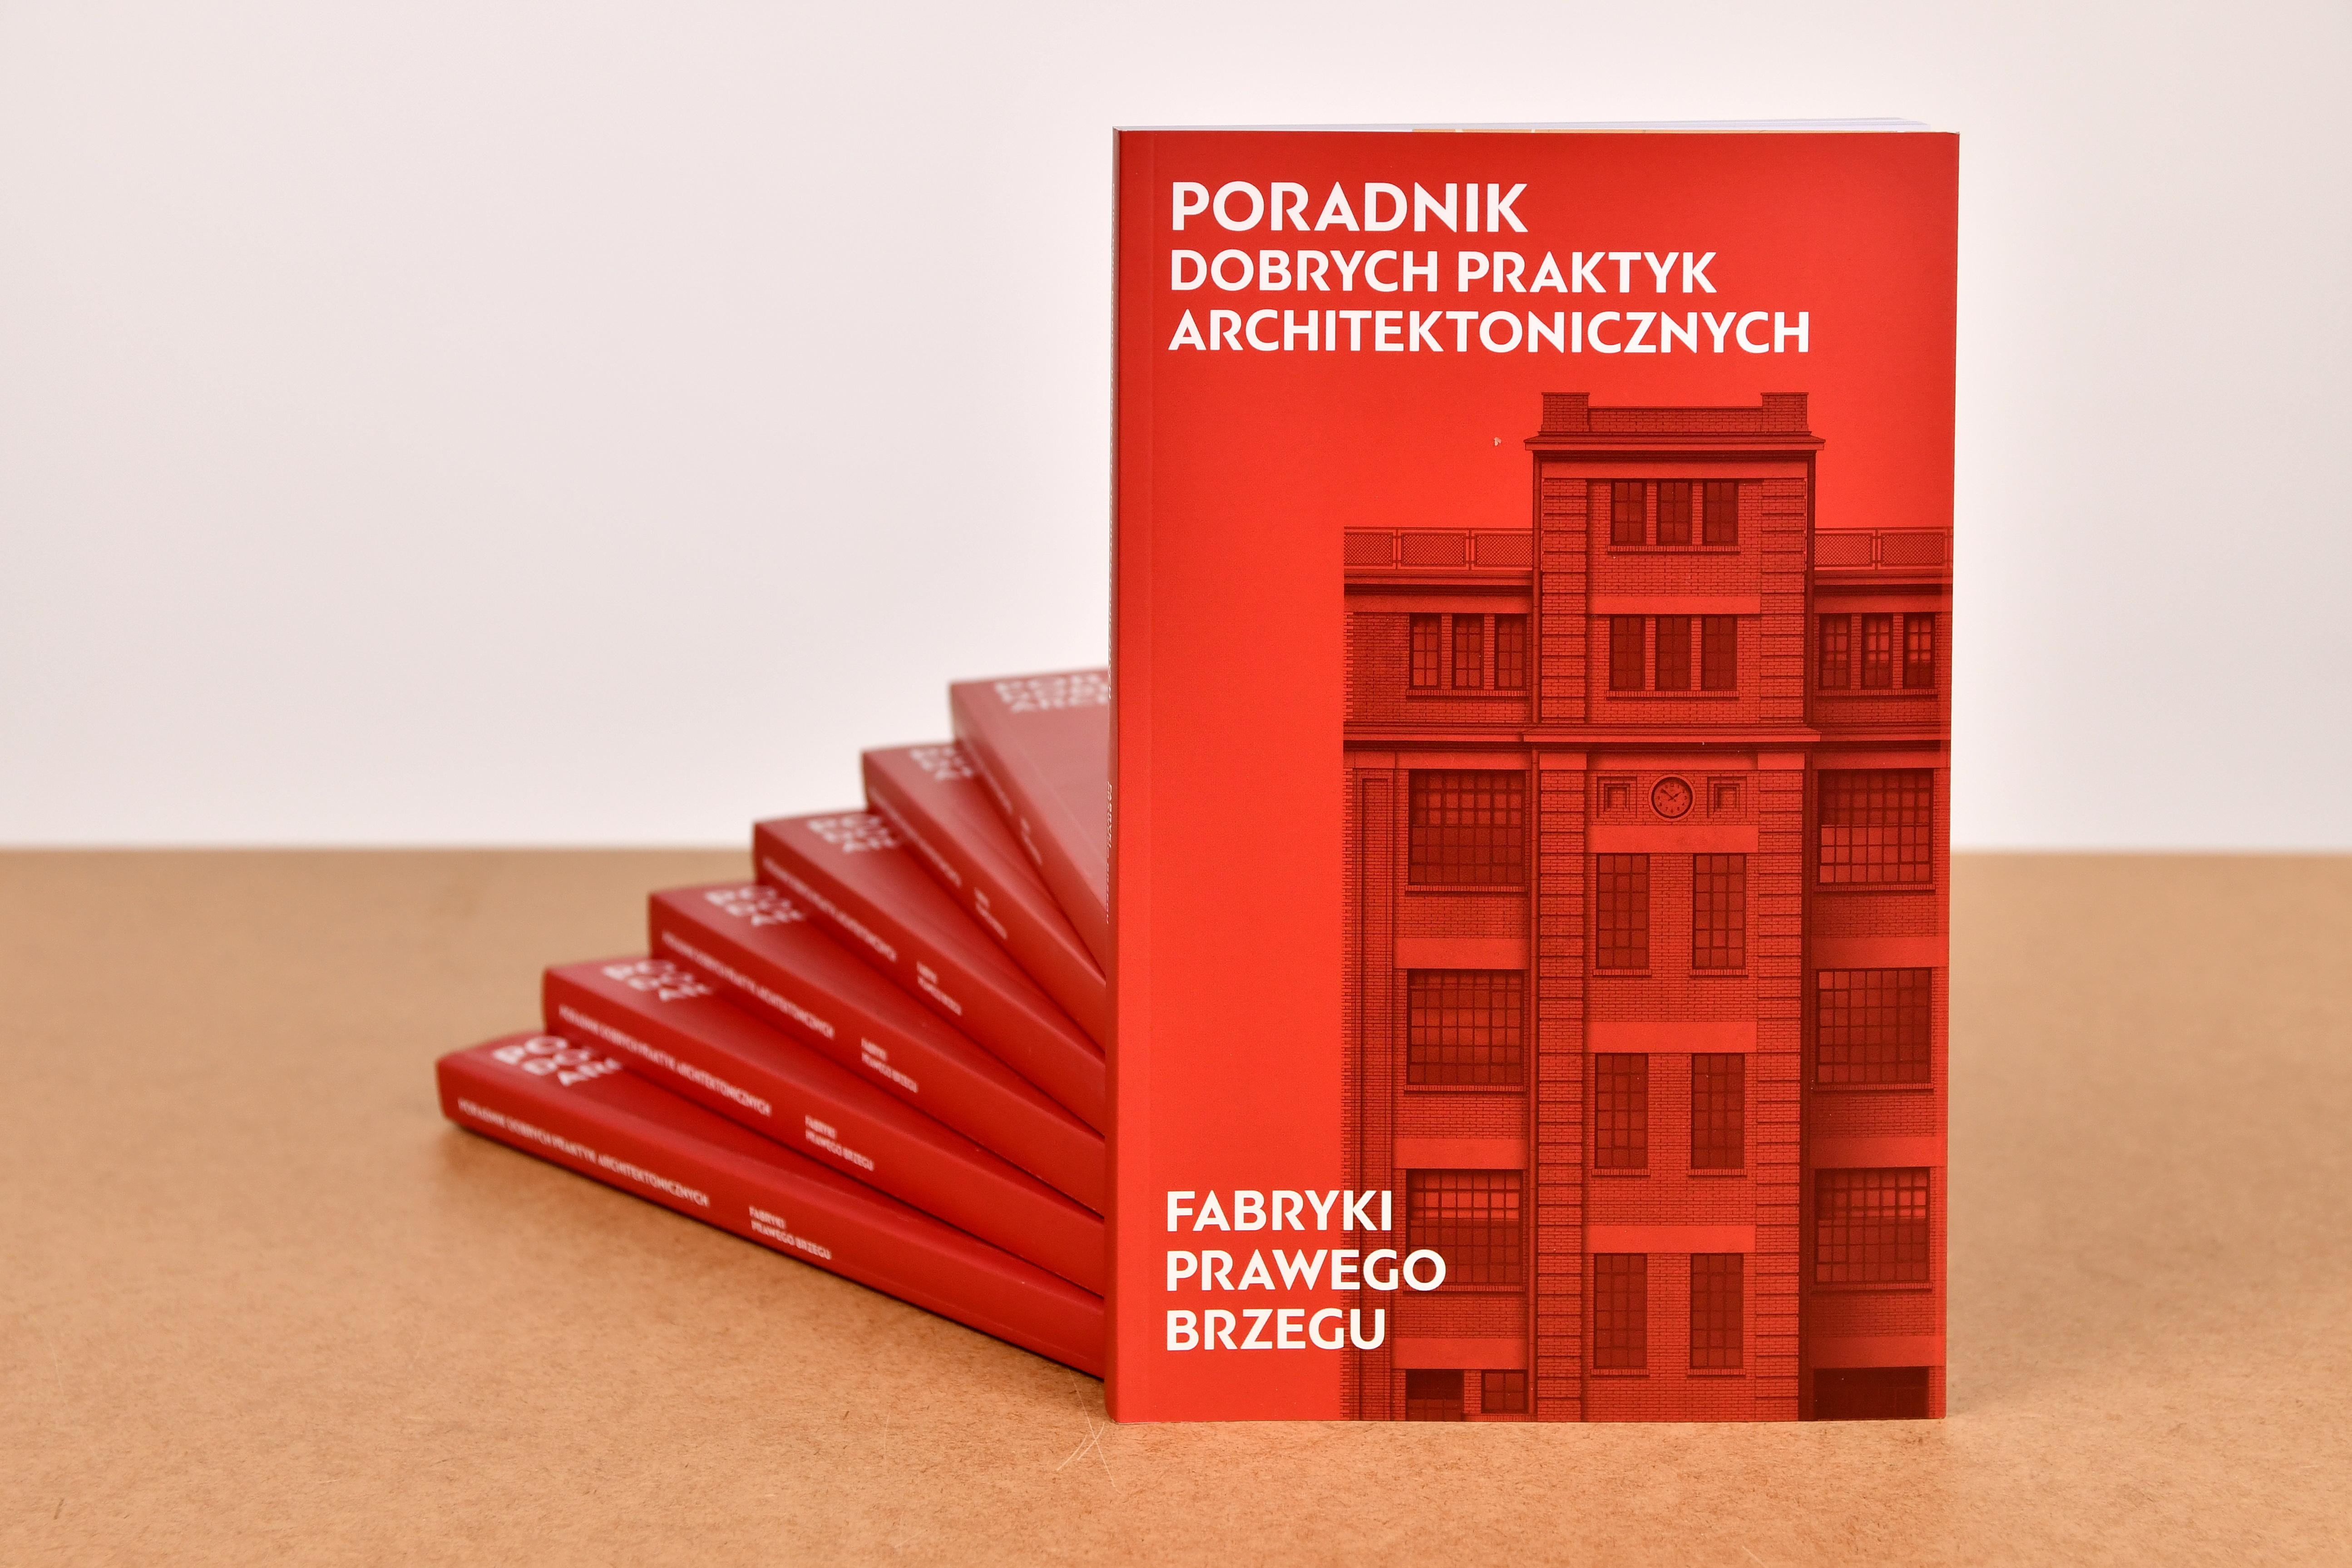 (GŁÓWNE) Poradnik dobrych praktyk architektonicznych. Fabryki prawego 1